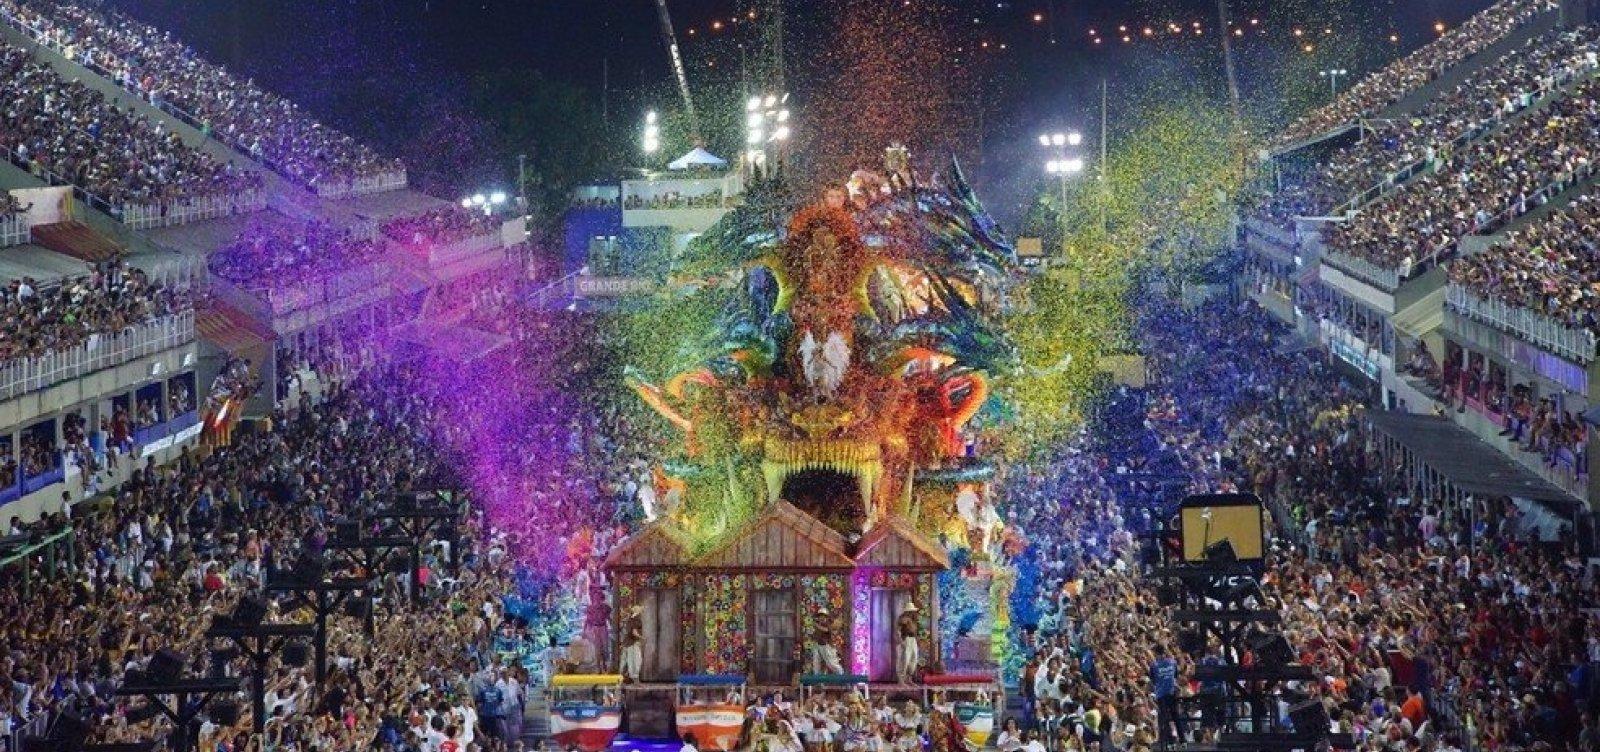 [Coronavírus: Desfile de Carnaval do Rio de Janeiro é adiado pela primeira vez desde 1932 ]